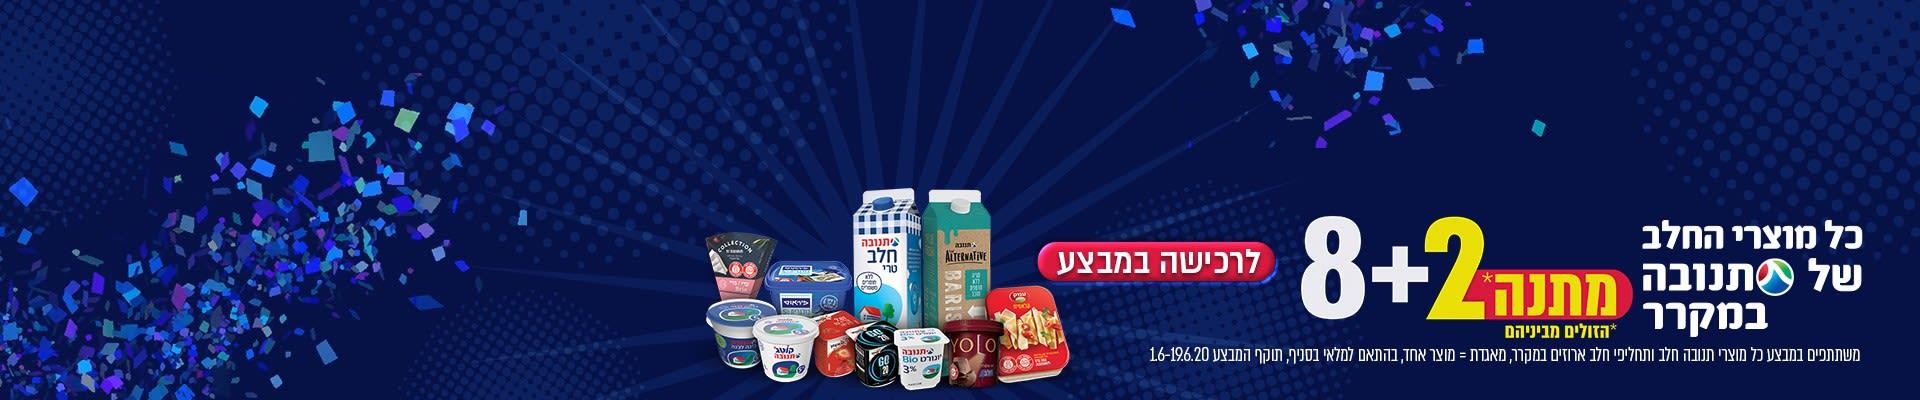 כל מוצרי החלב של תנובה במקרר 2+8 מתנה. הזולים מביניהם. משתתפים במבצע כל מוצרי תנובה חלב ארוזים במקרר, מאגדת=מוצר אחד. בהתאם למלאי בסניף. תוקף המבצע 1.6-19.6.20.